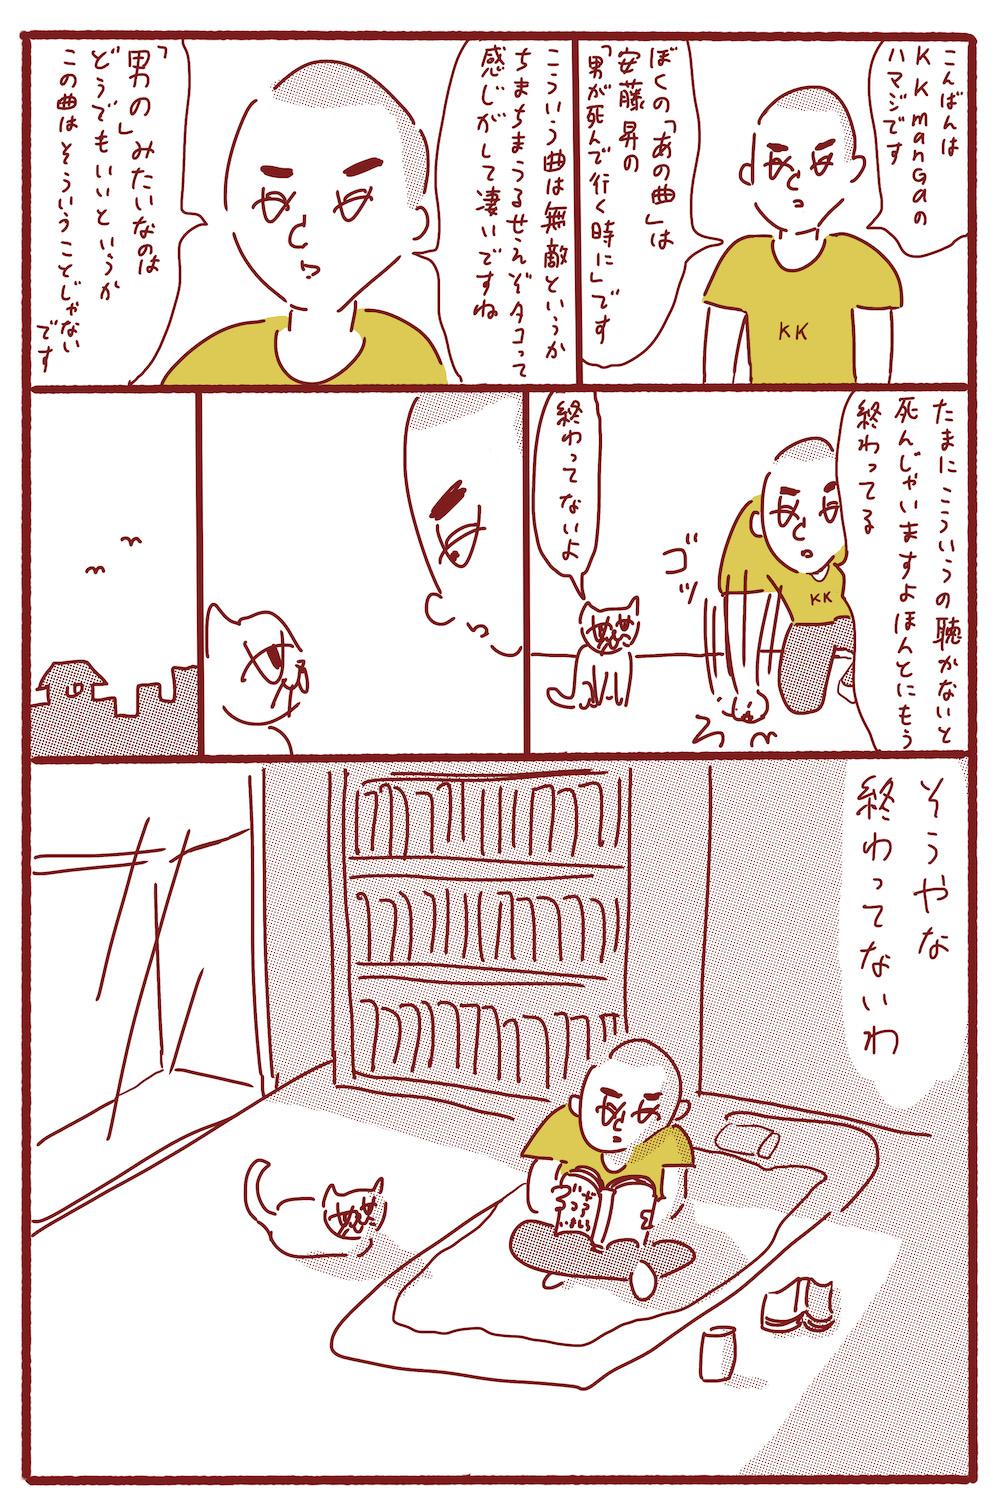 KK manga ハマジ 大橋裕之